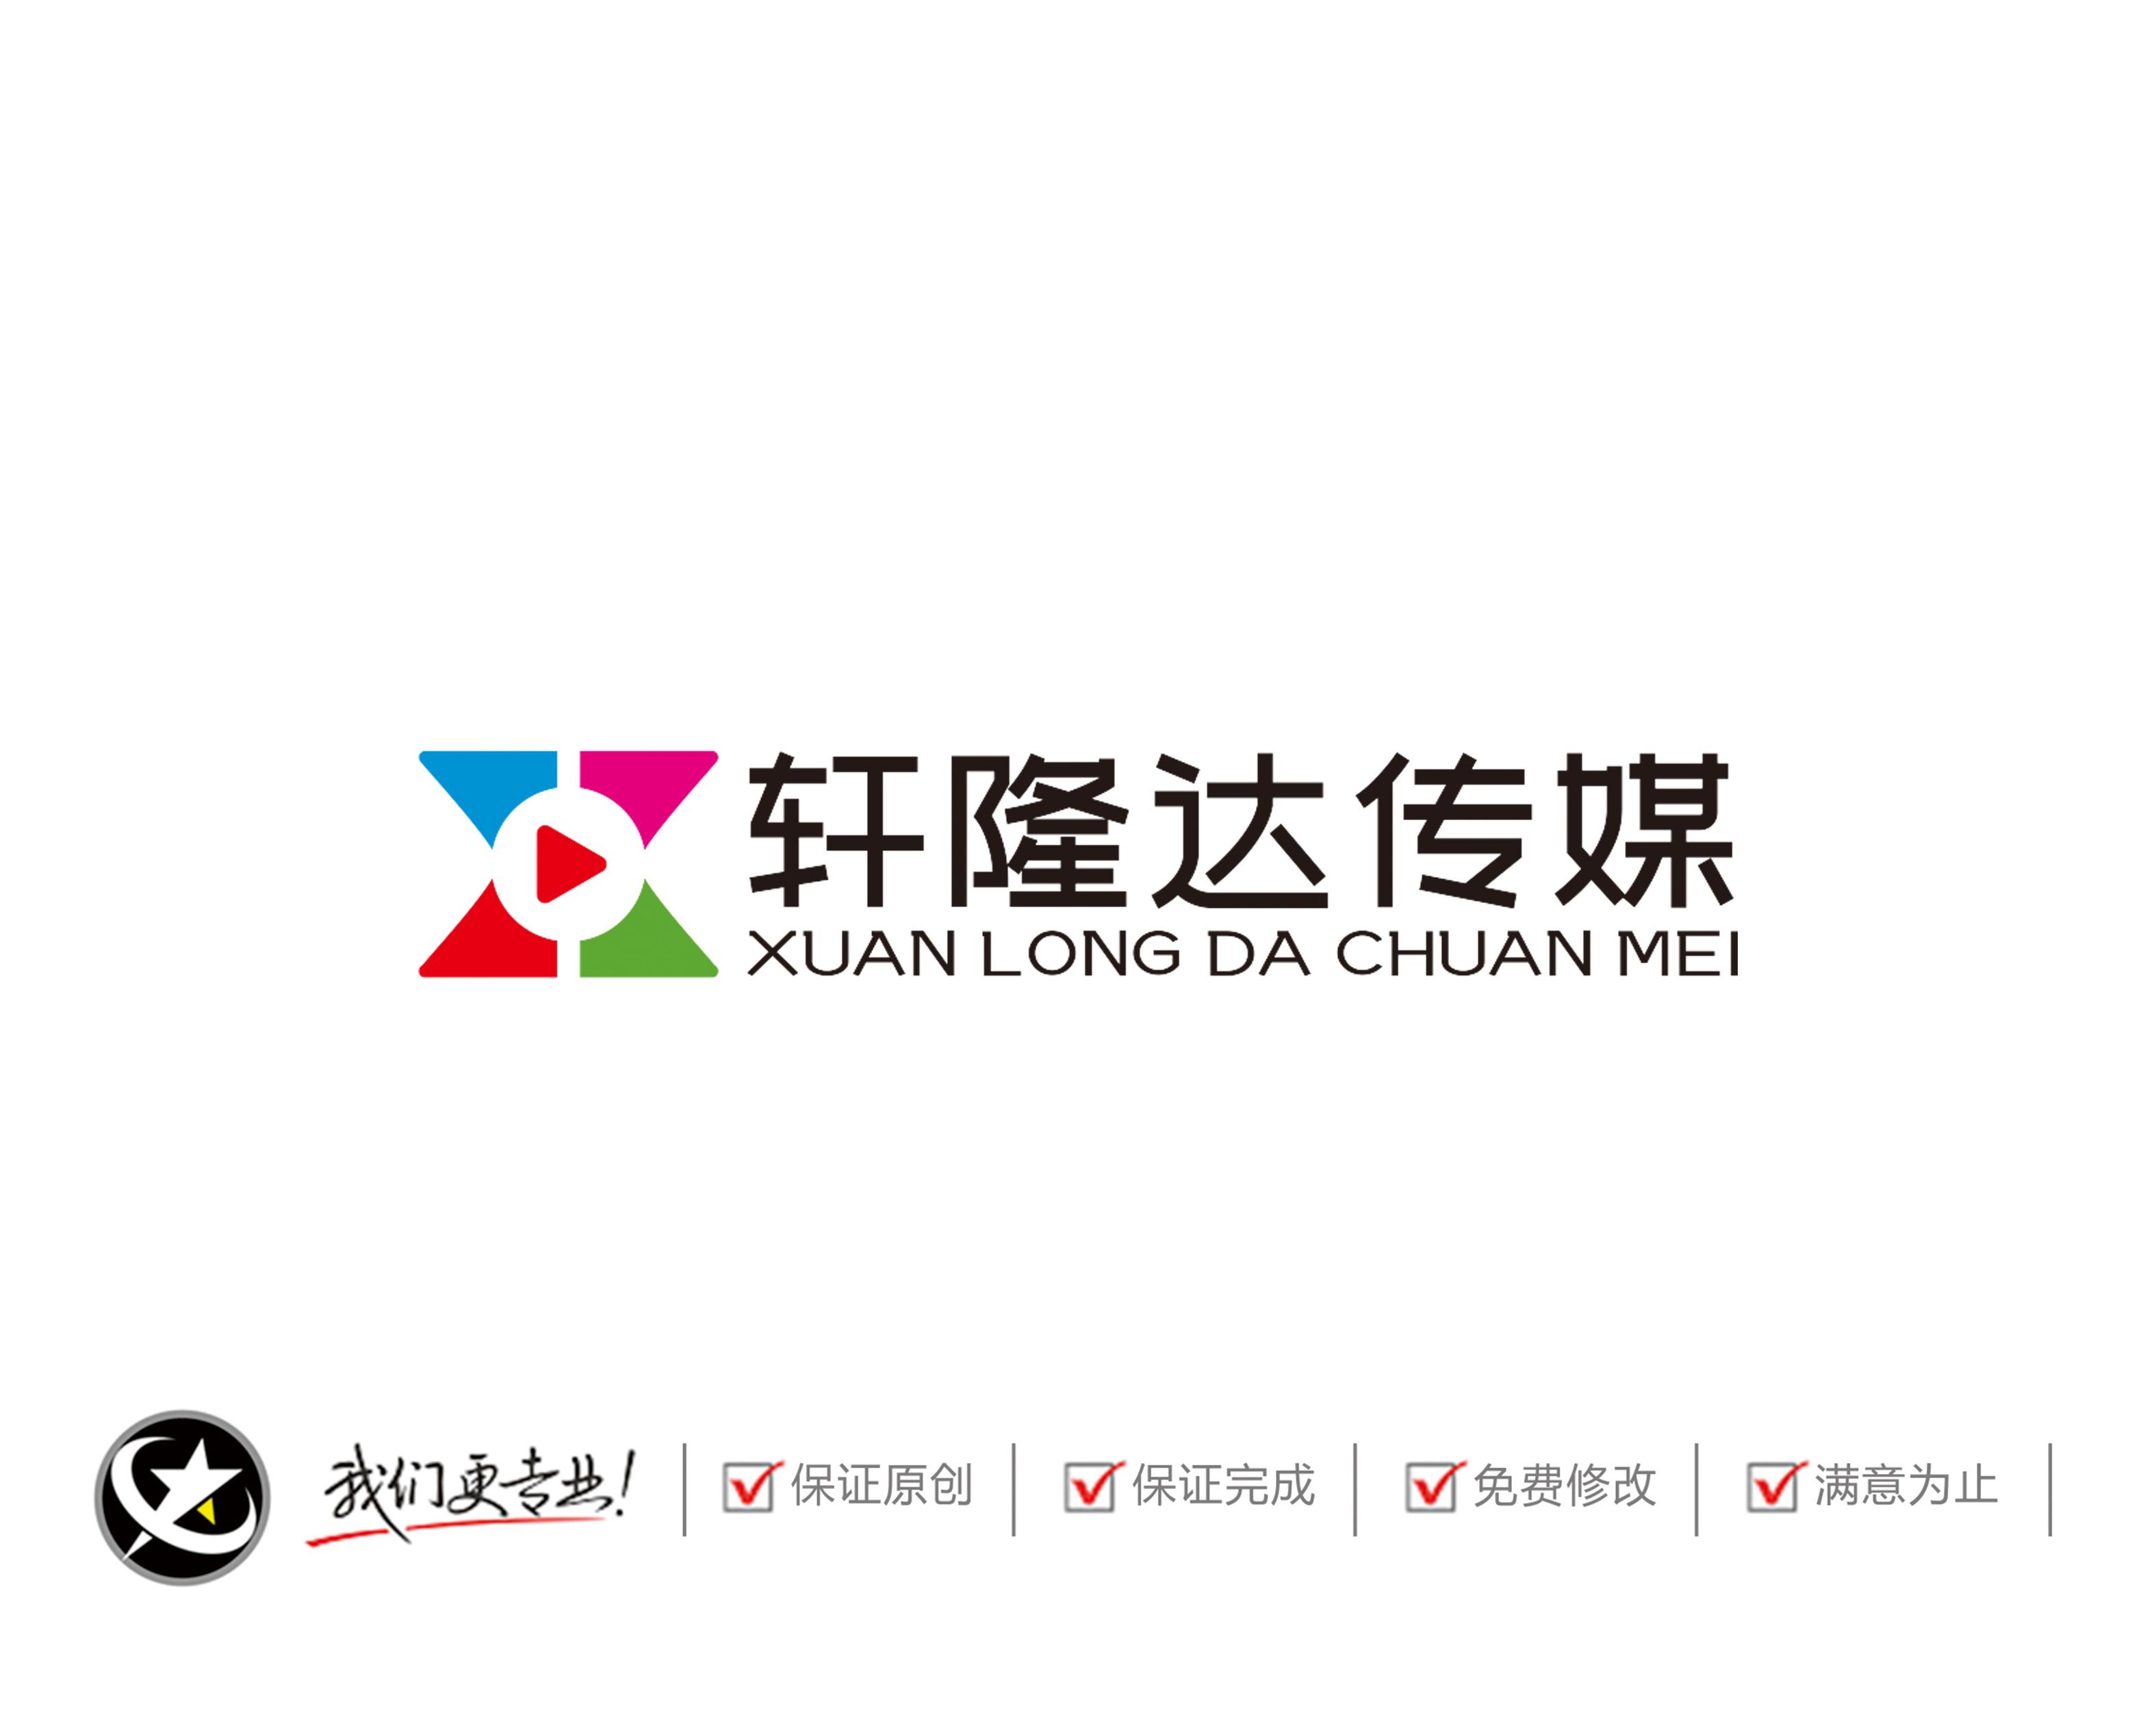 轩隆达传媒logo设计_3032810_k68威客网